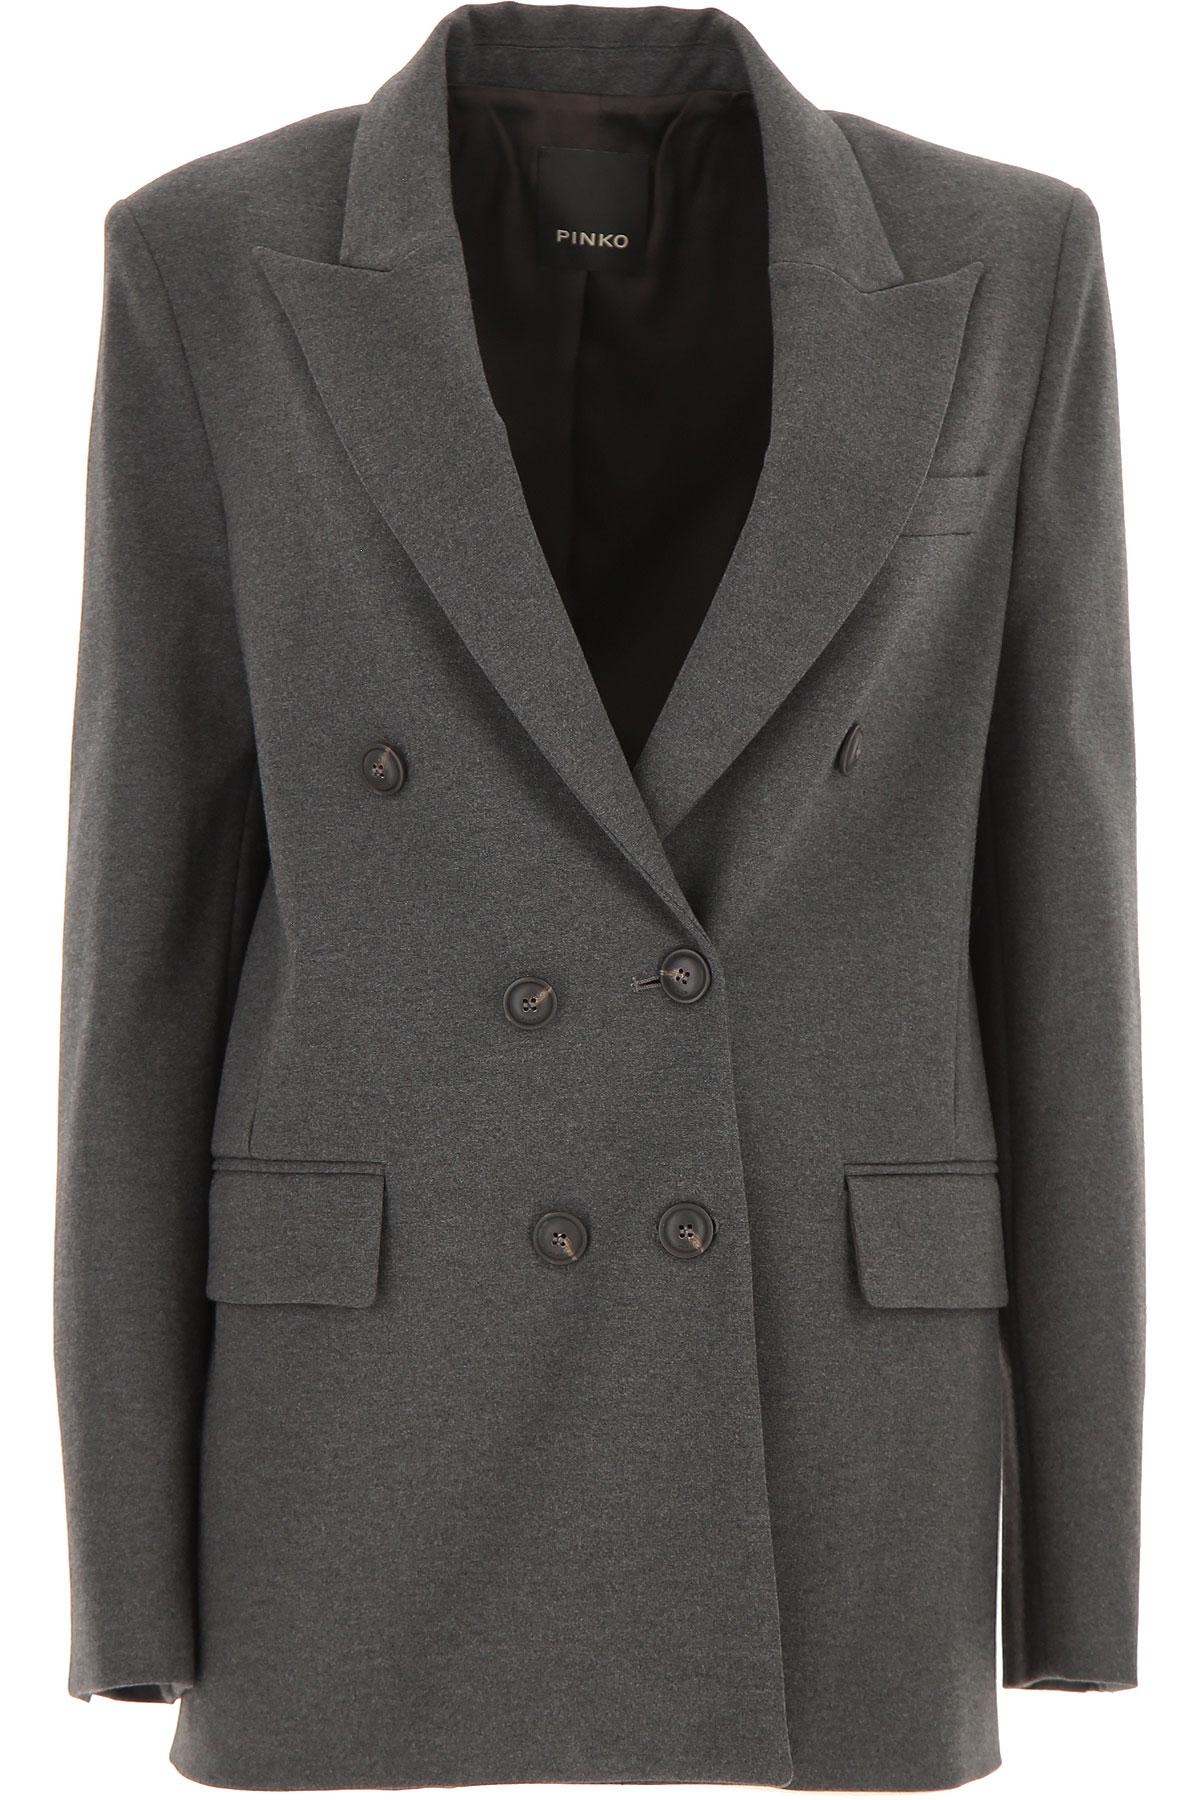 Pinko Blazer for Women On Sale, Dark Grey, Viscose, 2019, 4 6